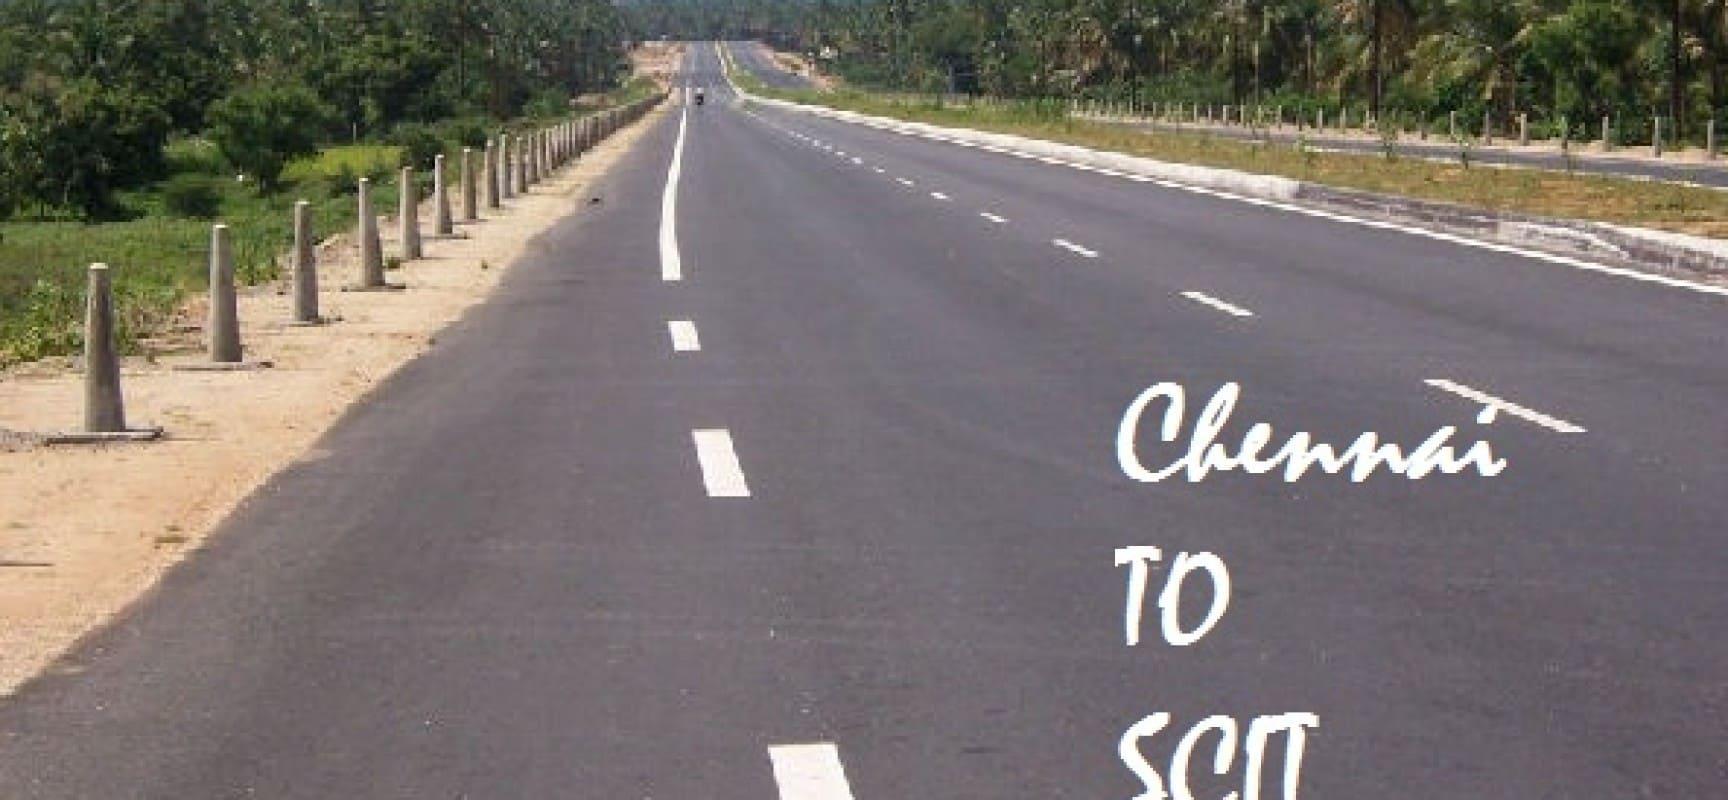 Chennai to SCIT